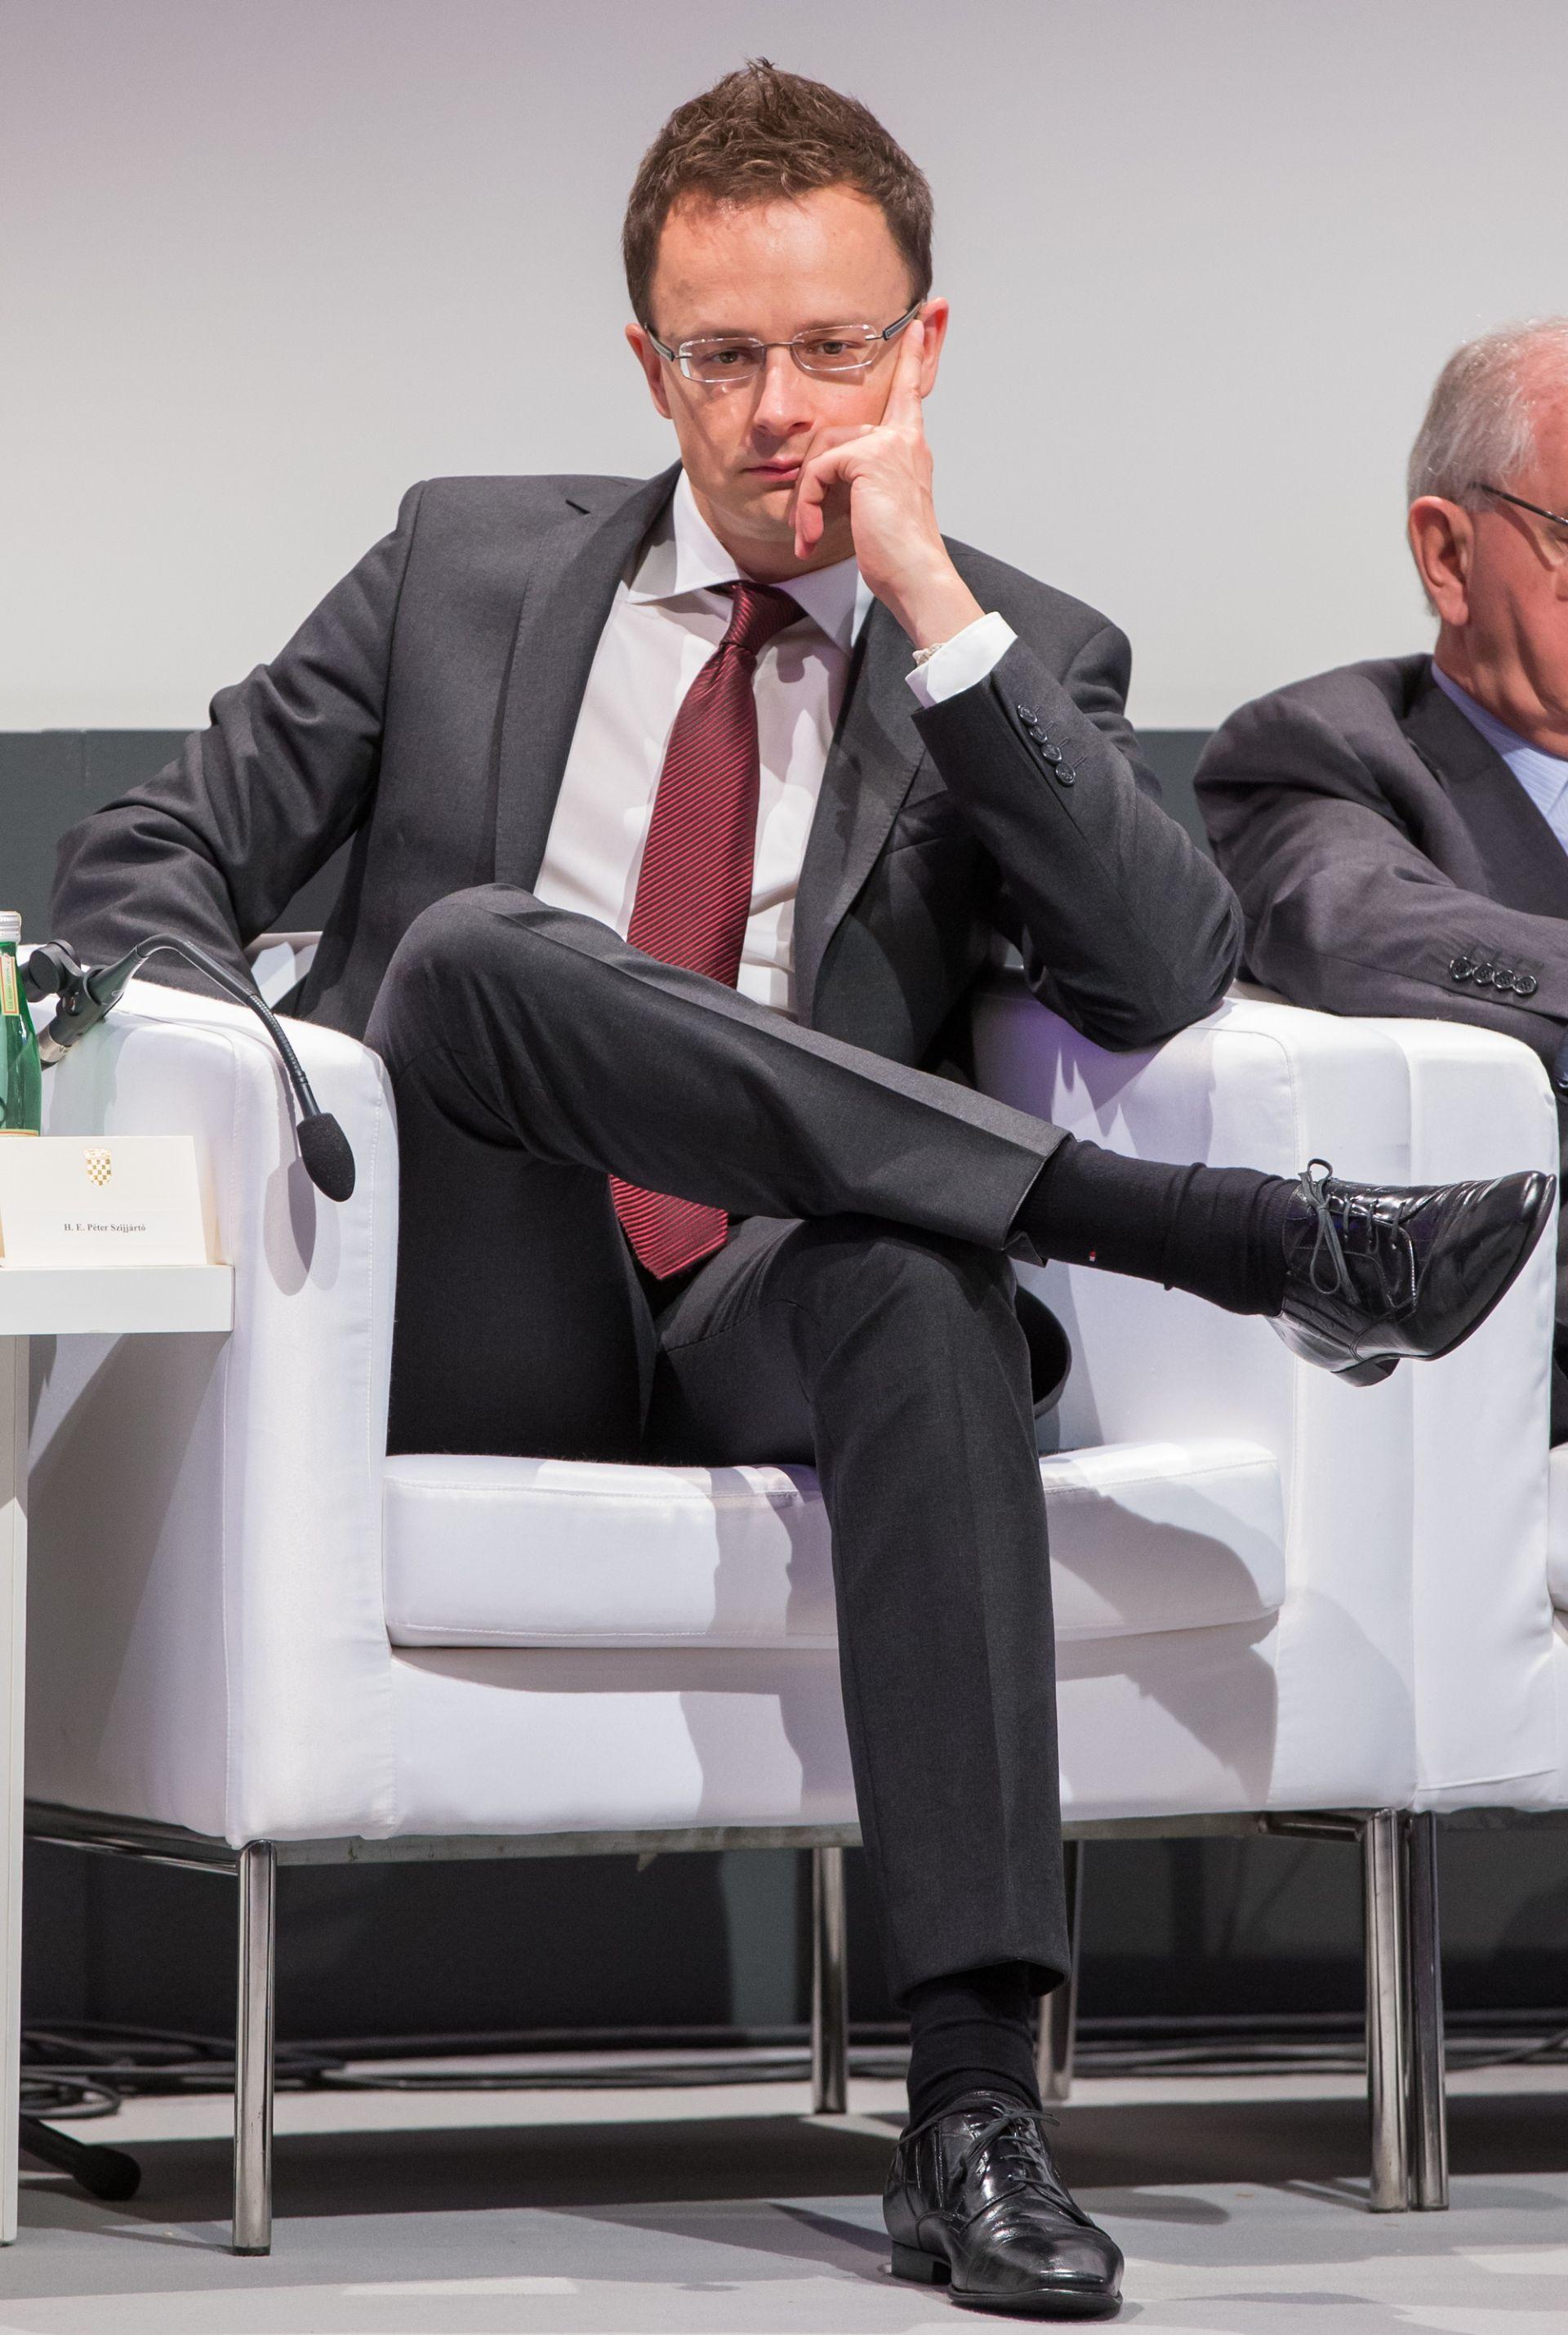 Szijjarto: Mađarska i Hrvatska trebaju biti strateški partneri, probleme rješavati izravno, a ne preko medija